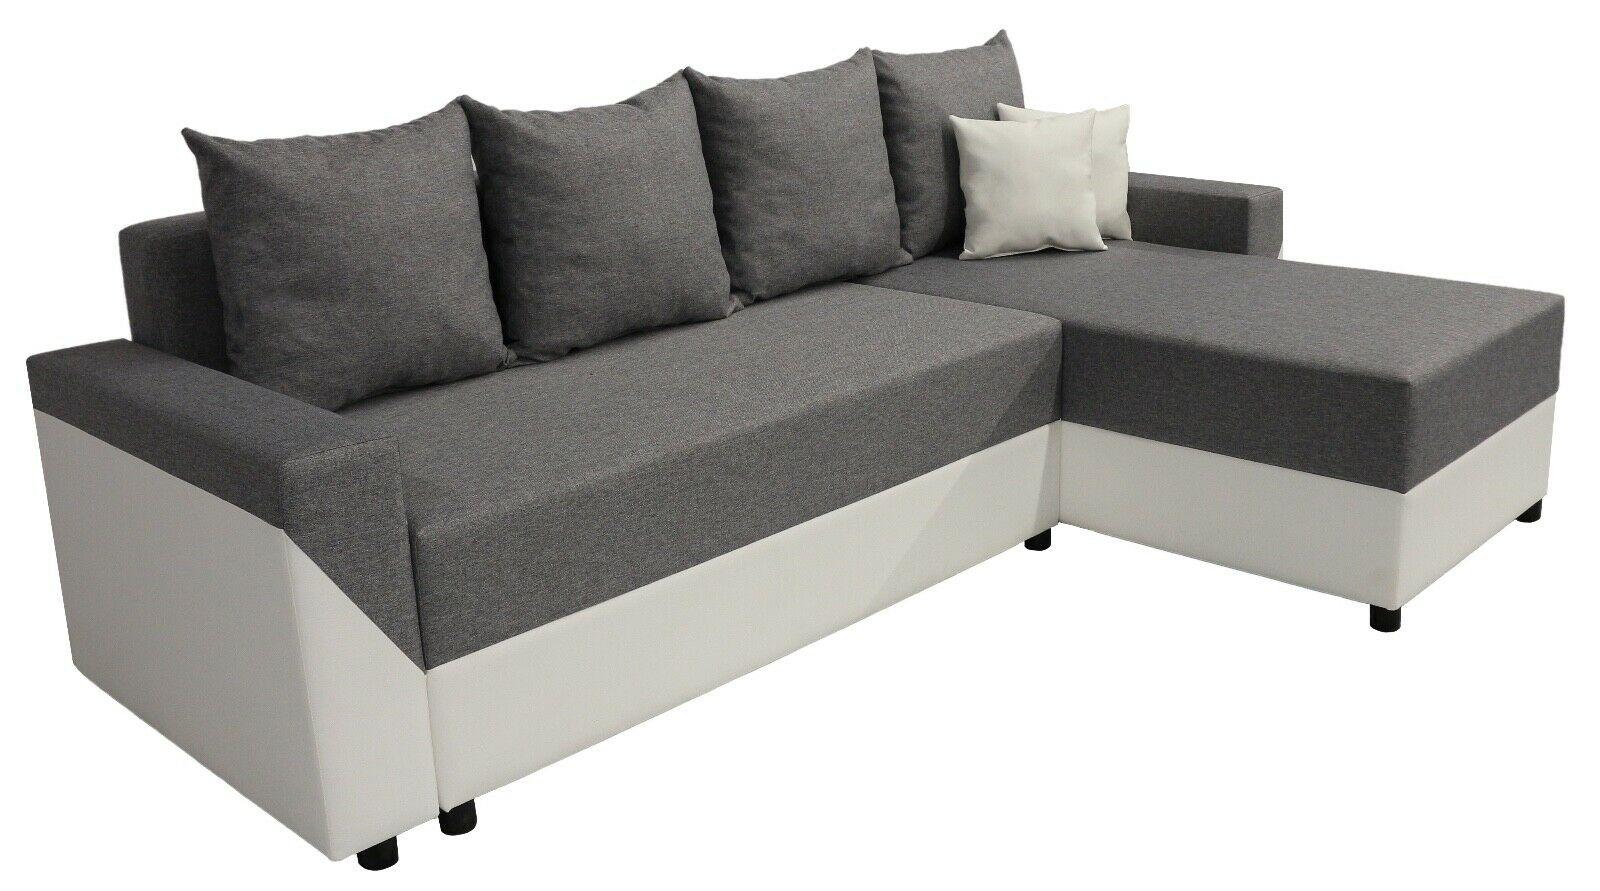 Tip Auf Federkern Schlaffunktion Couchgarnitur Couch Polster Sofa Wohnlandschaft